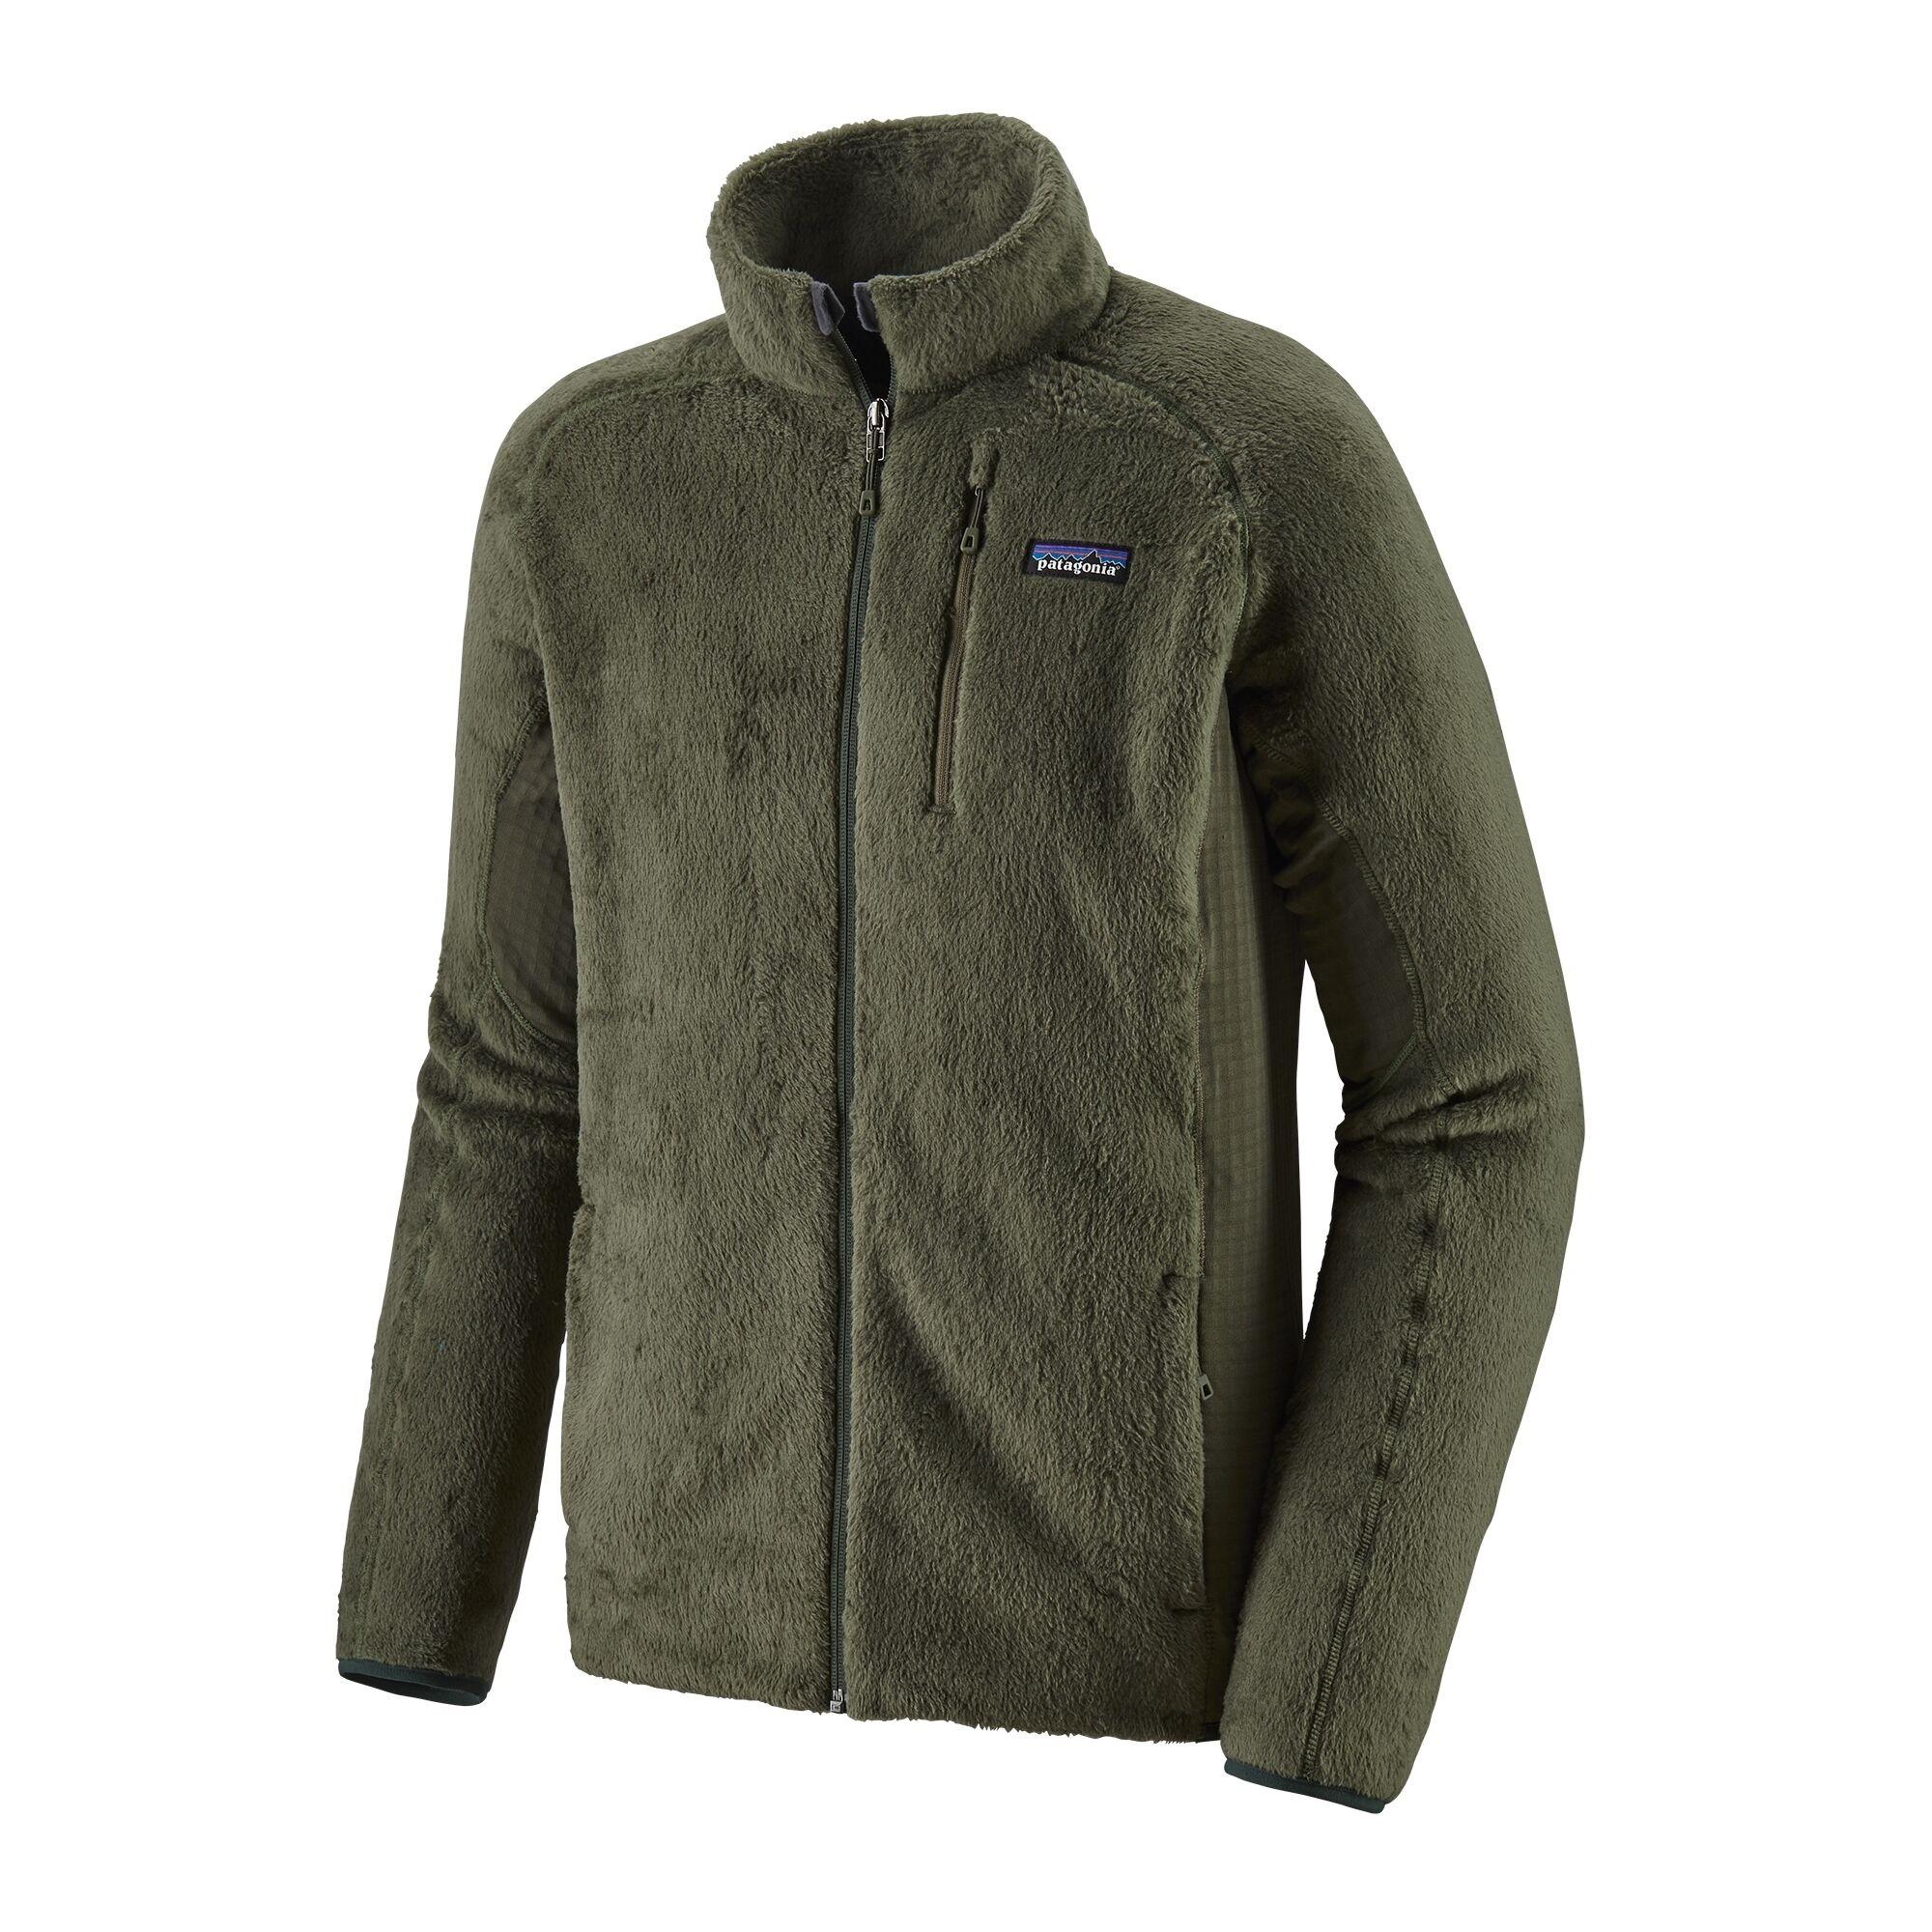 Patagonia Mens R2 Fleece Jacket : Industrial Green